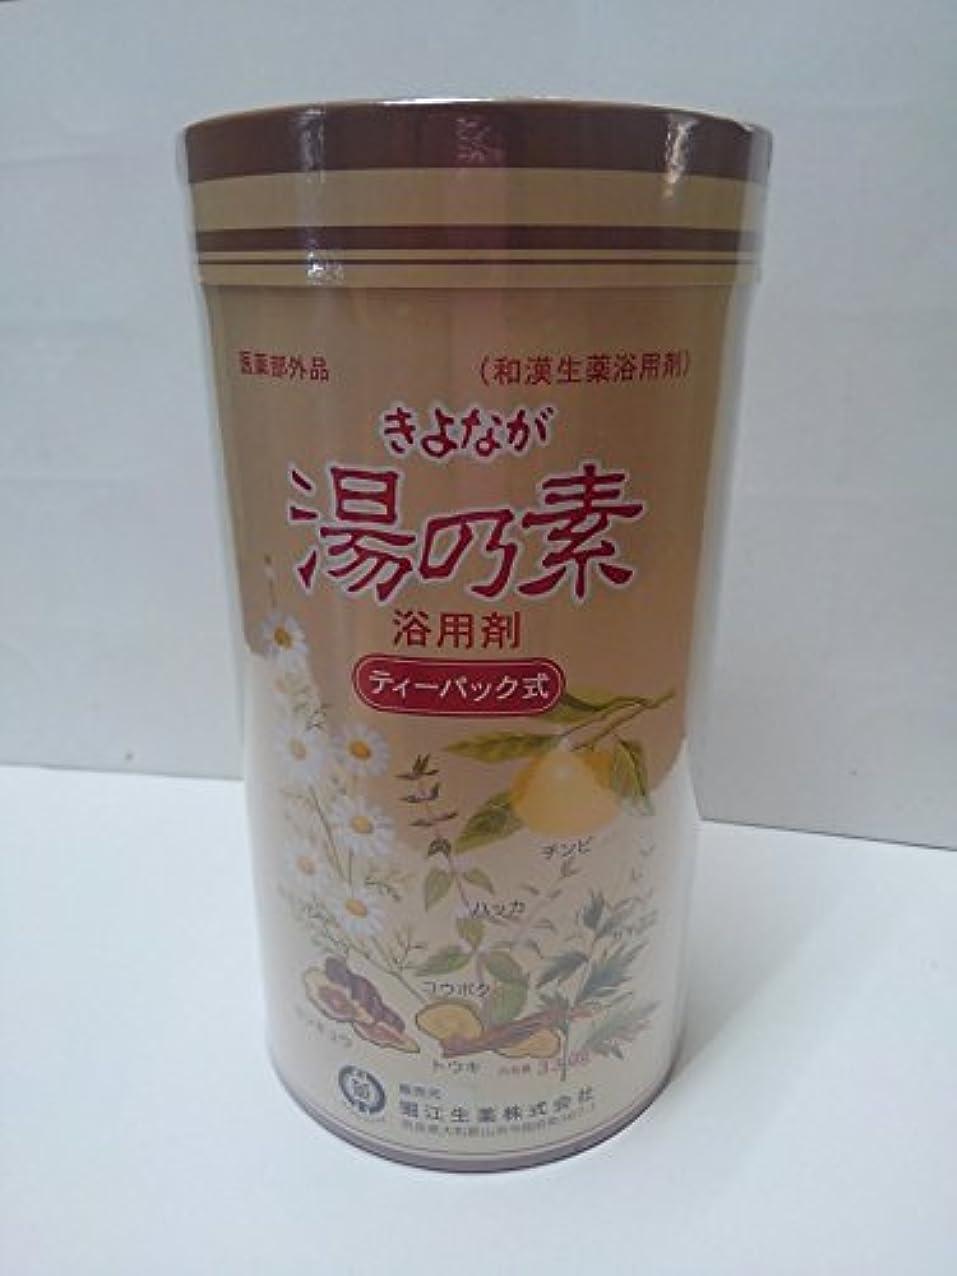 バルク偉業しなやか和漢生薬配合浴用剤 きよなが 「湯の素」 (テ?ーパック式)